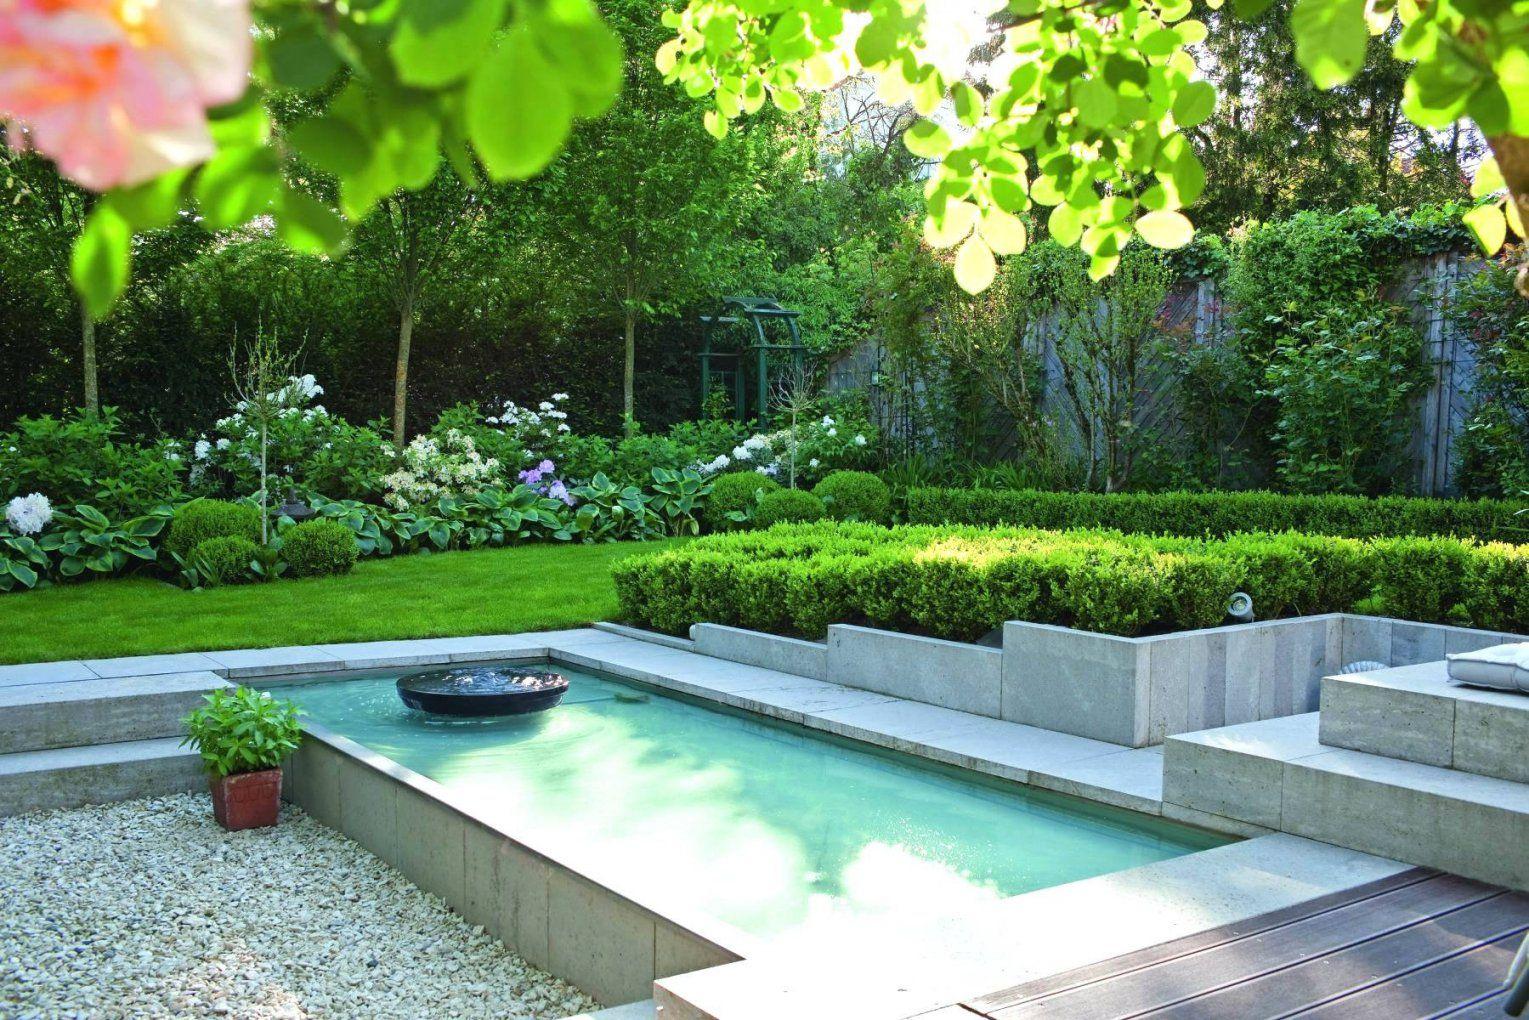 Kleine Gärten Gestalten Ohne Rasen Genial Einzigartig 40 von Gartengestaltung Kleine Gärten Ohne Rasen Bild